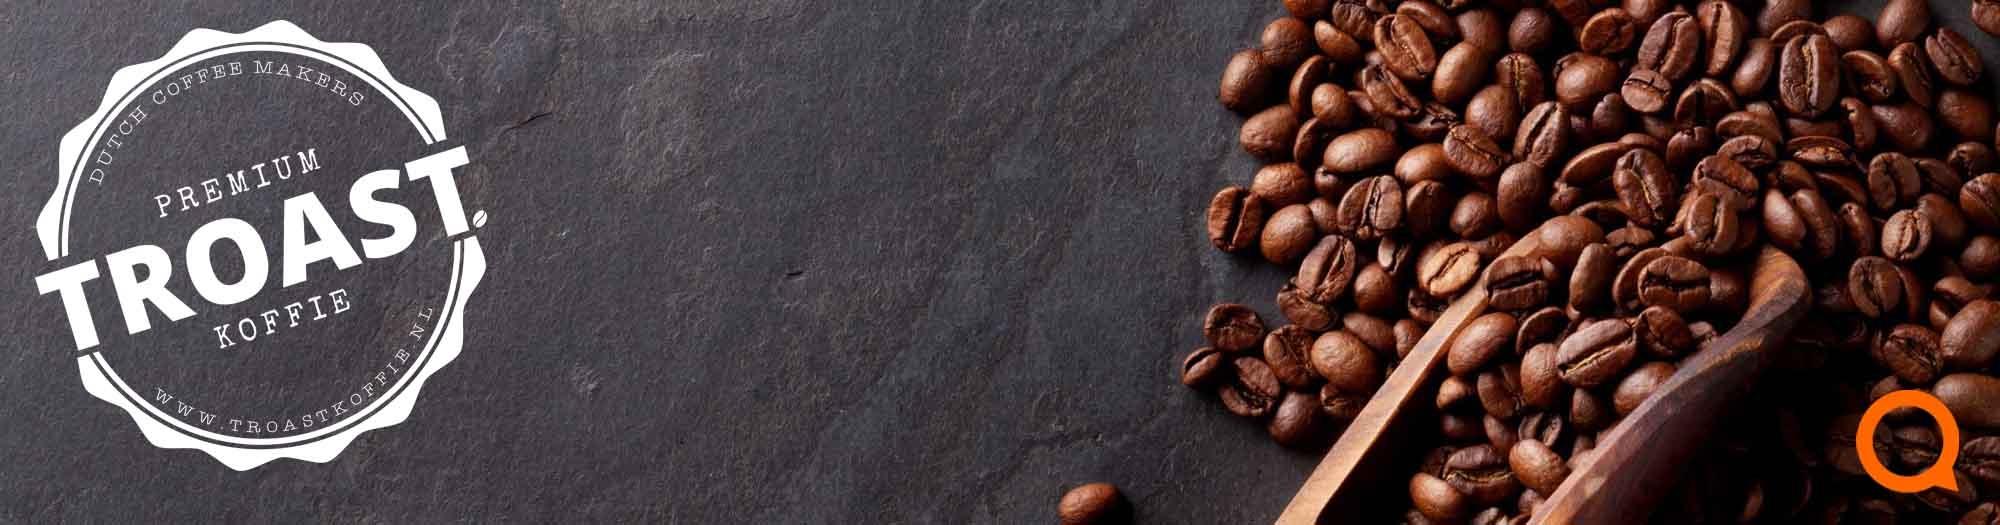 Troast koffie